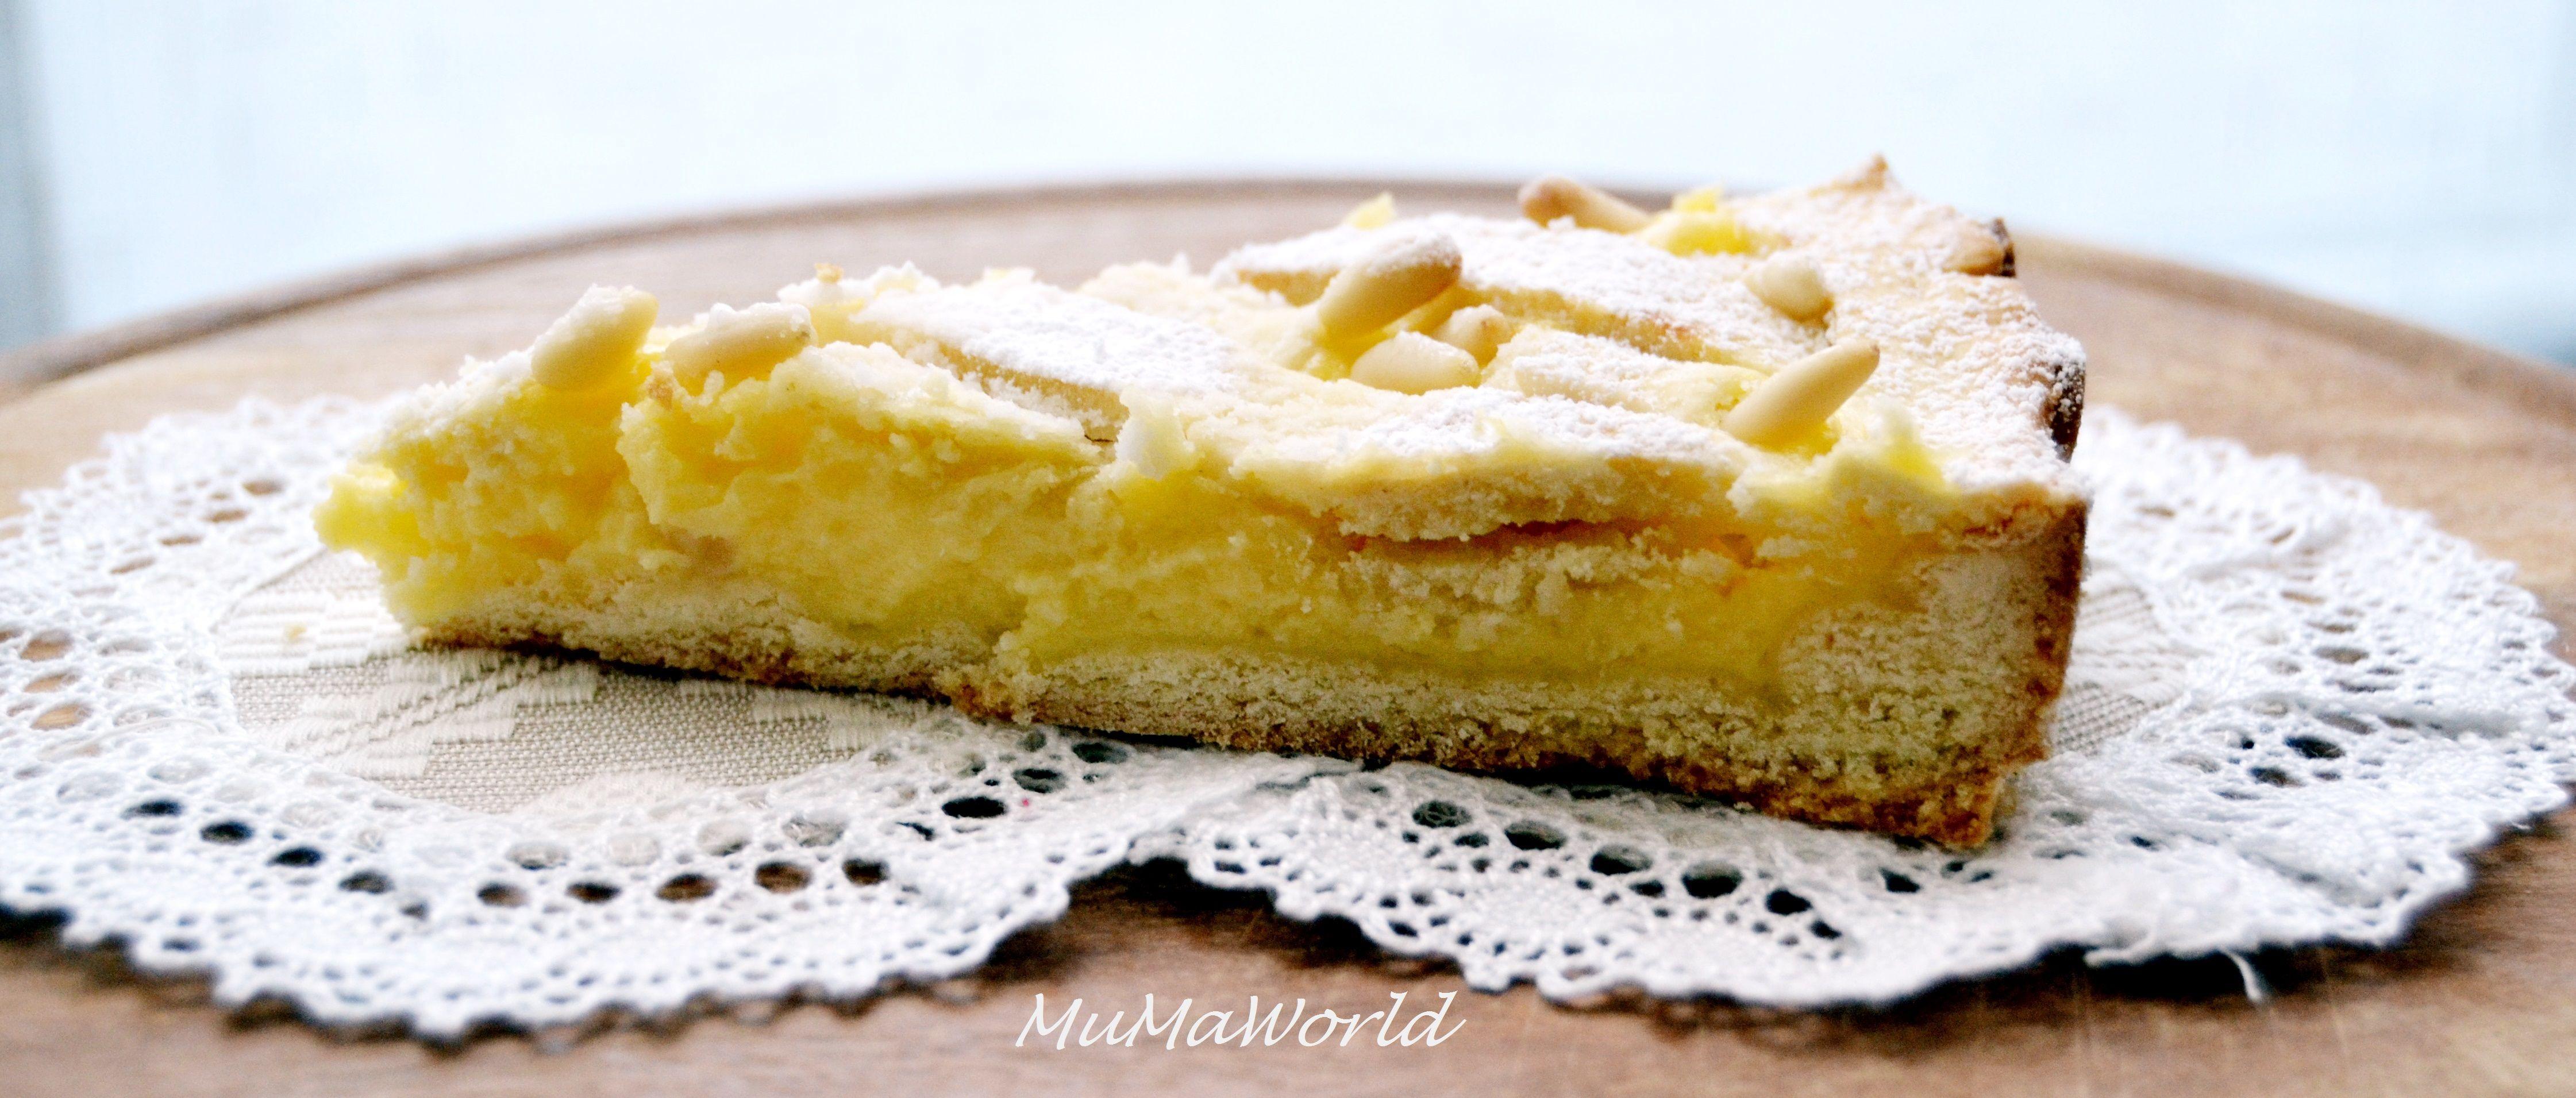 Torta della nonna. Homemade custard pie